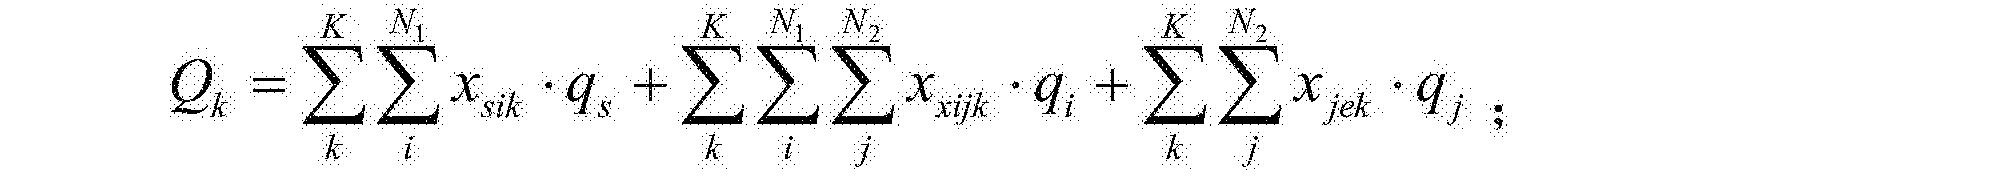 Figure CN106127357AC00035